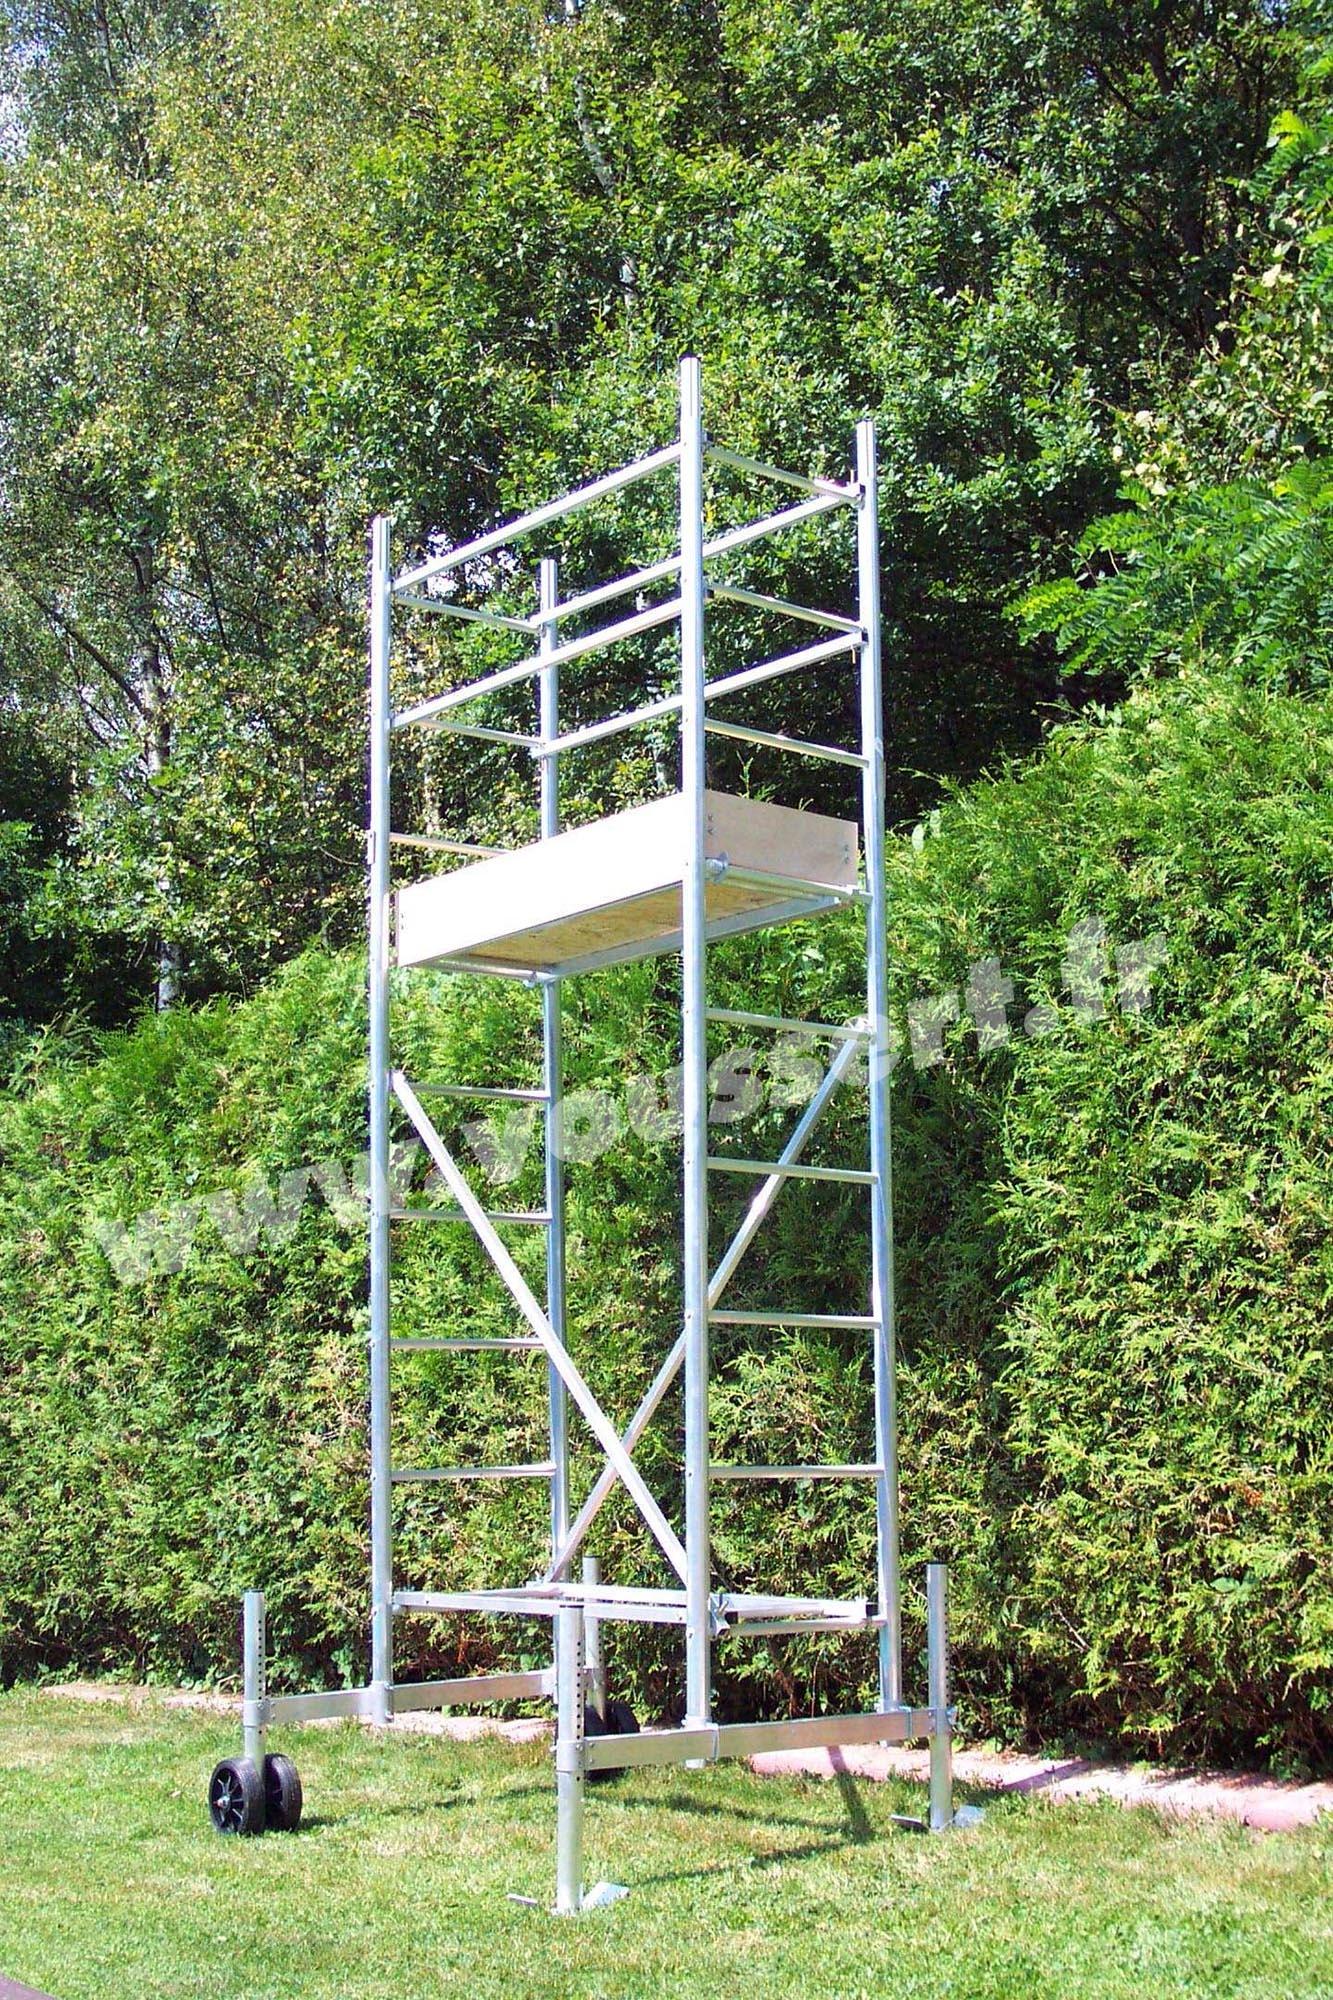 Echafaudage Roulant Aluminium Hauteur Travail 4,5 M Taille Haie dedans Echafaudage De Jardin